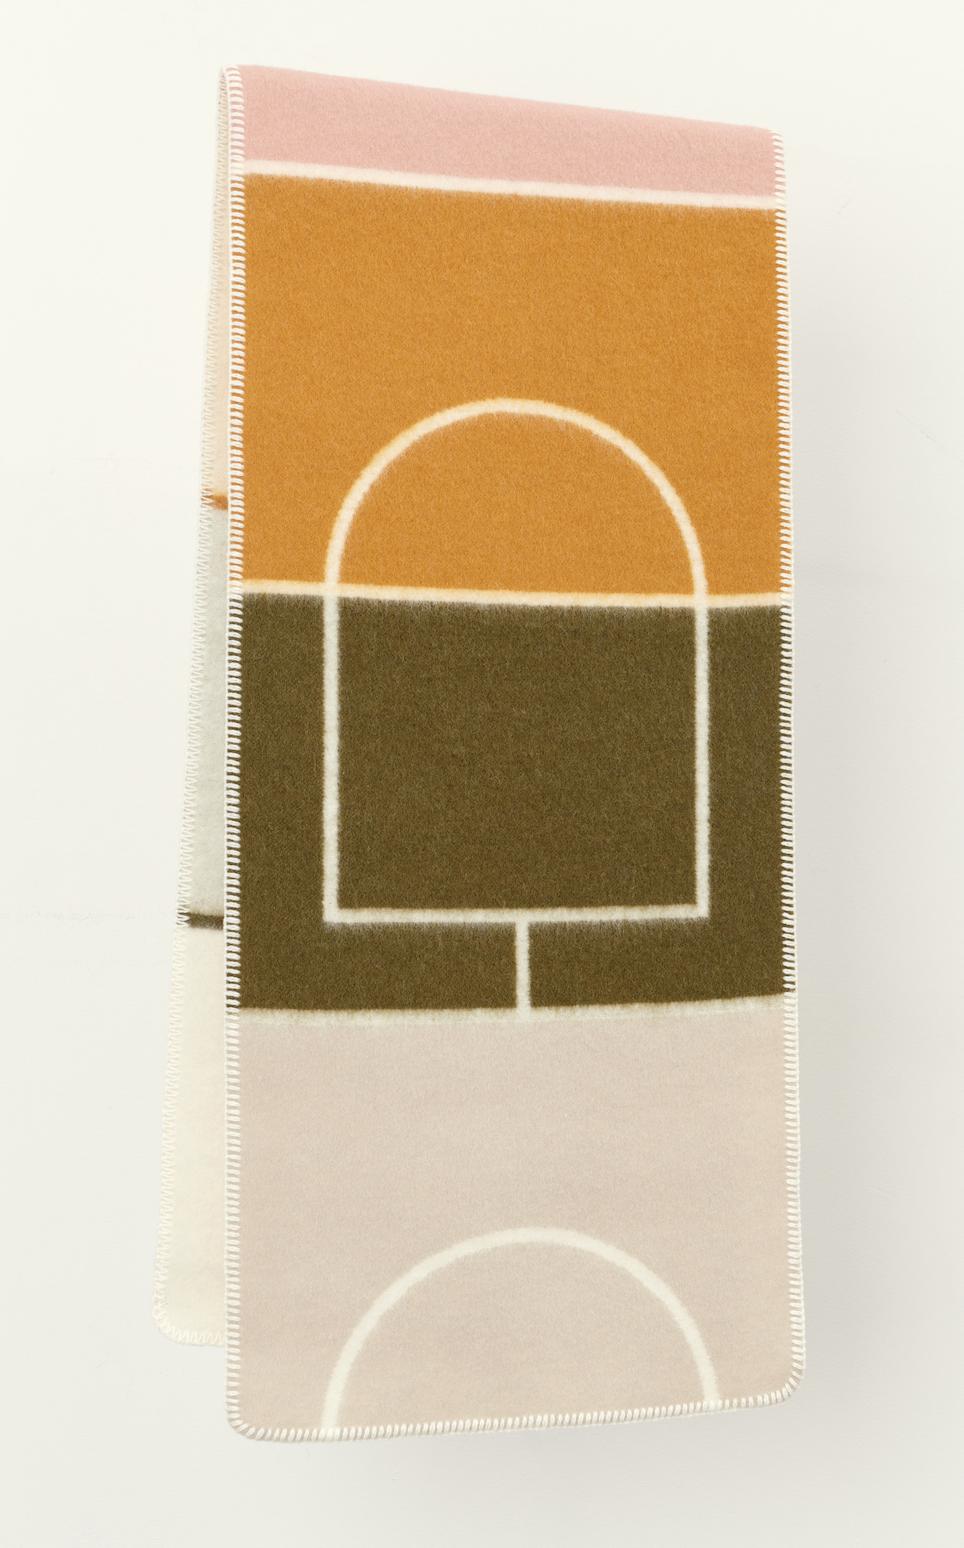 Julegaver - norsk design